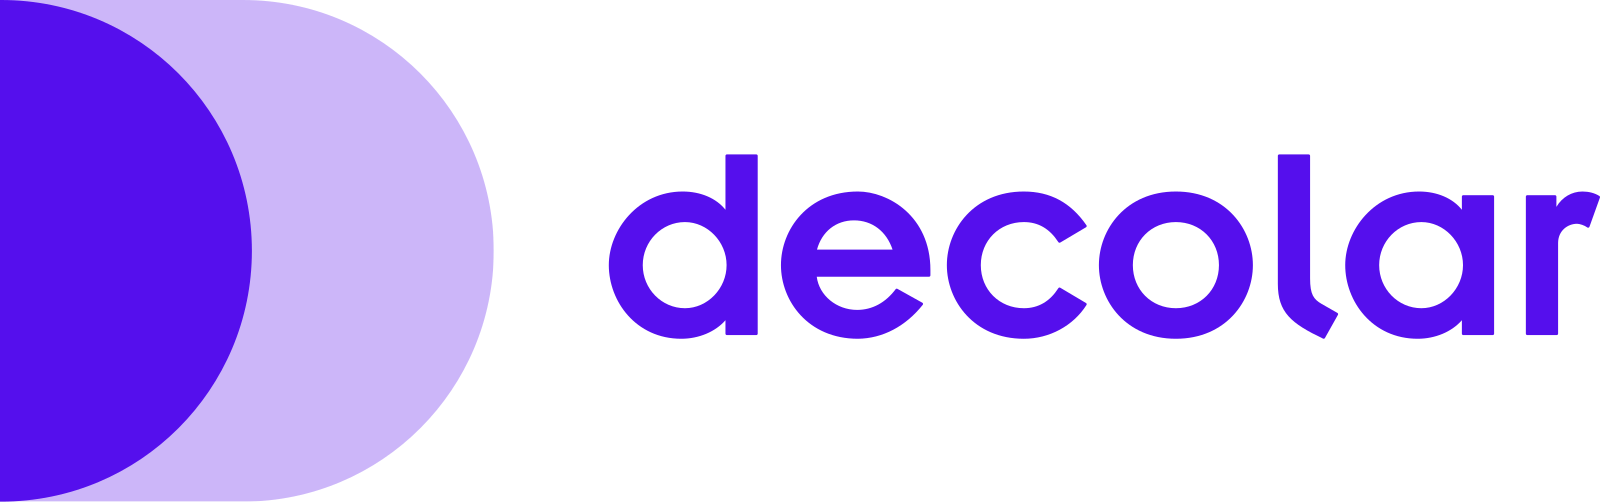 decolar logo 2 - Decolar.com Logo